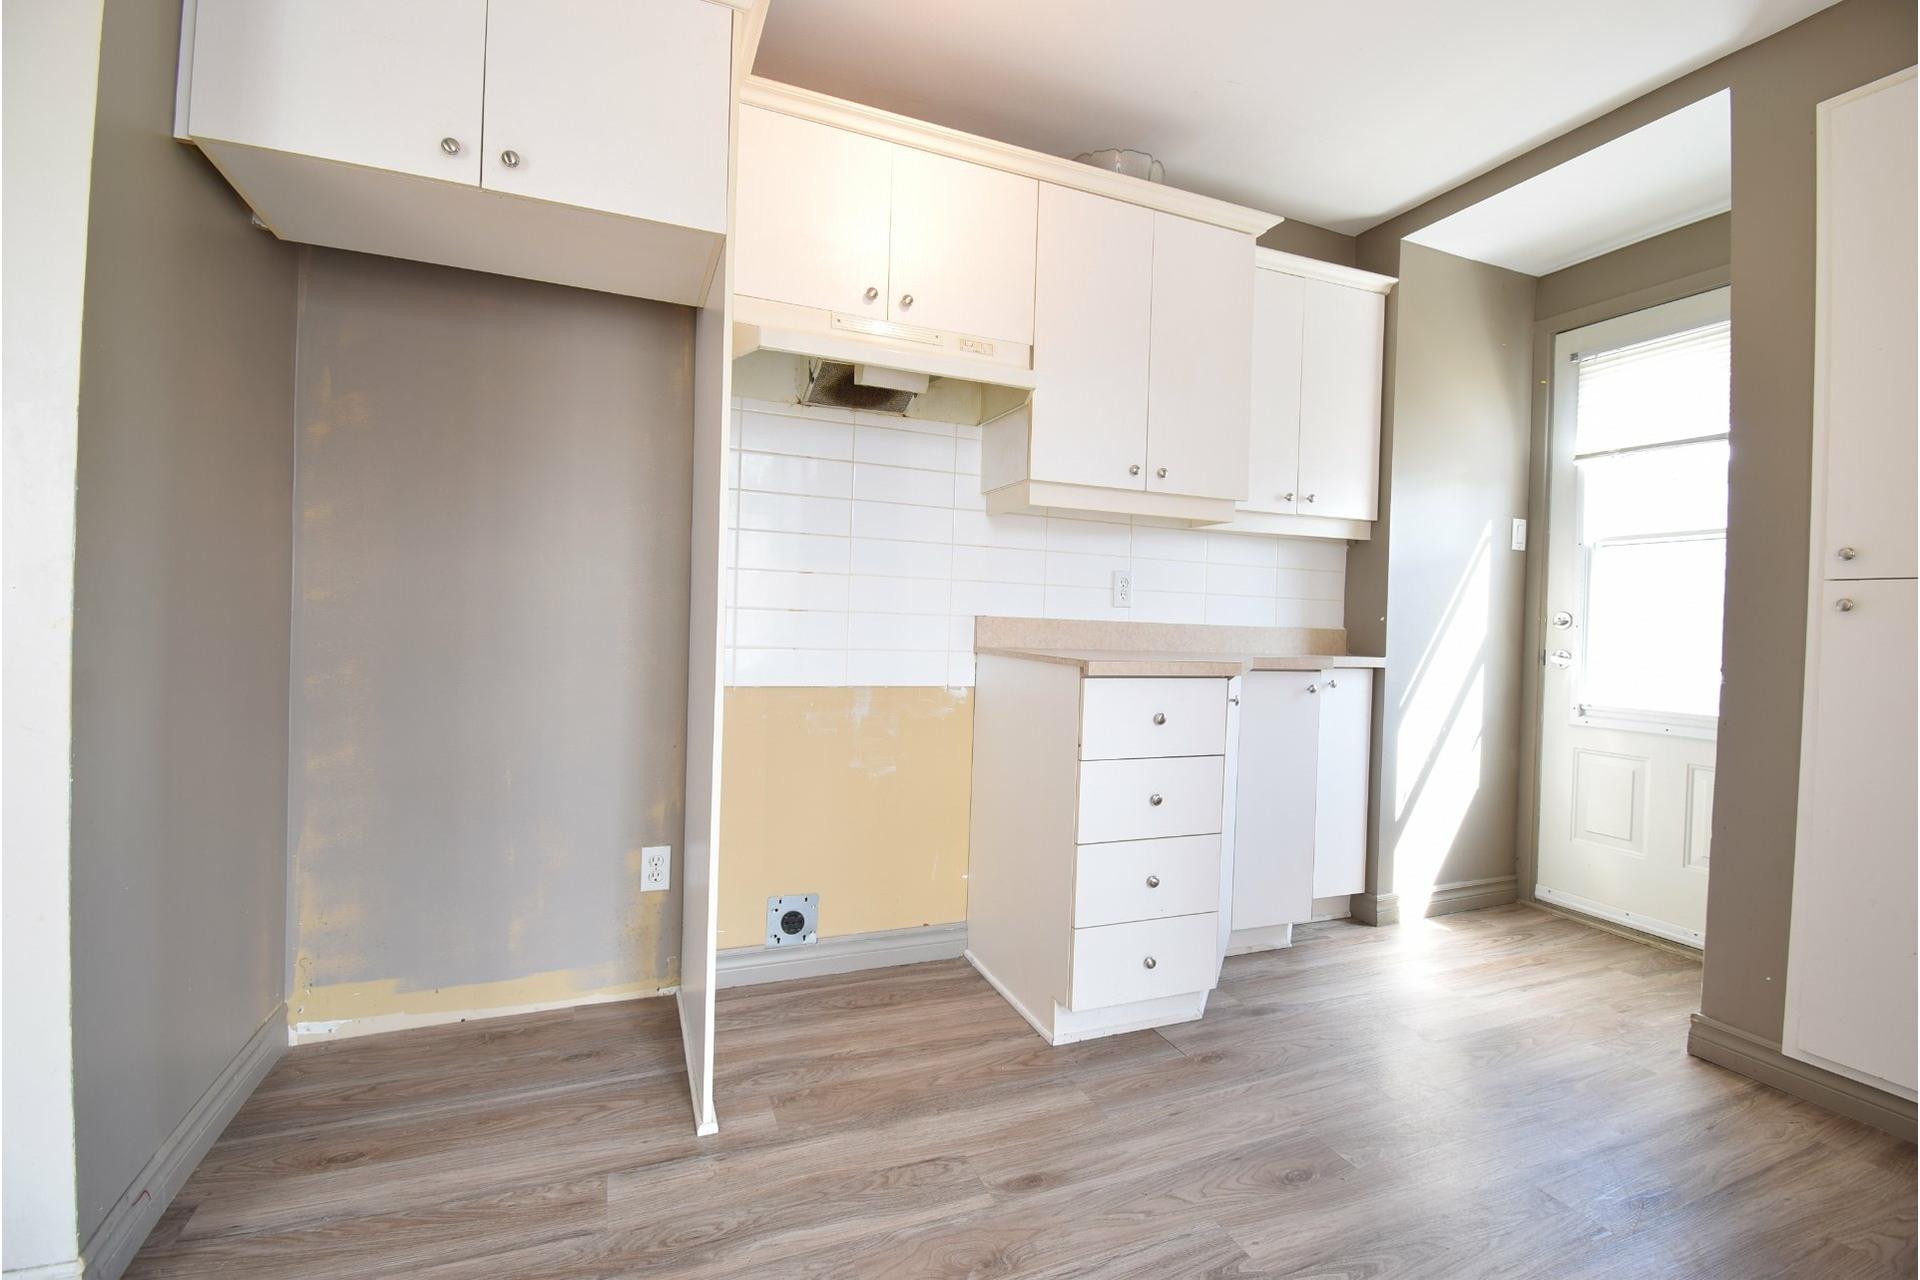 image 19 - Duplex À vendre Trois-Rivières - 4 pièces